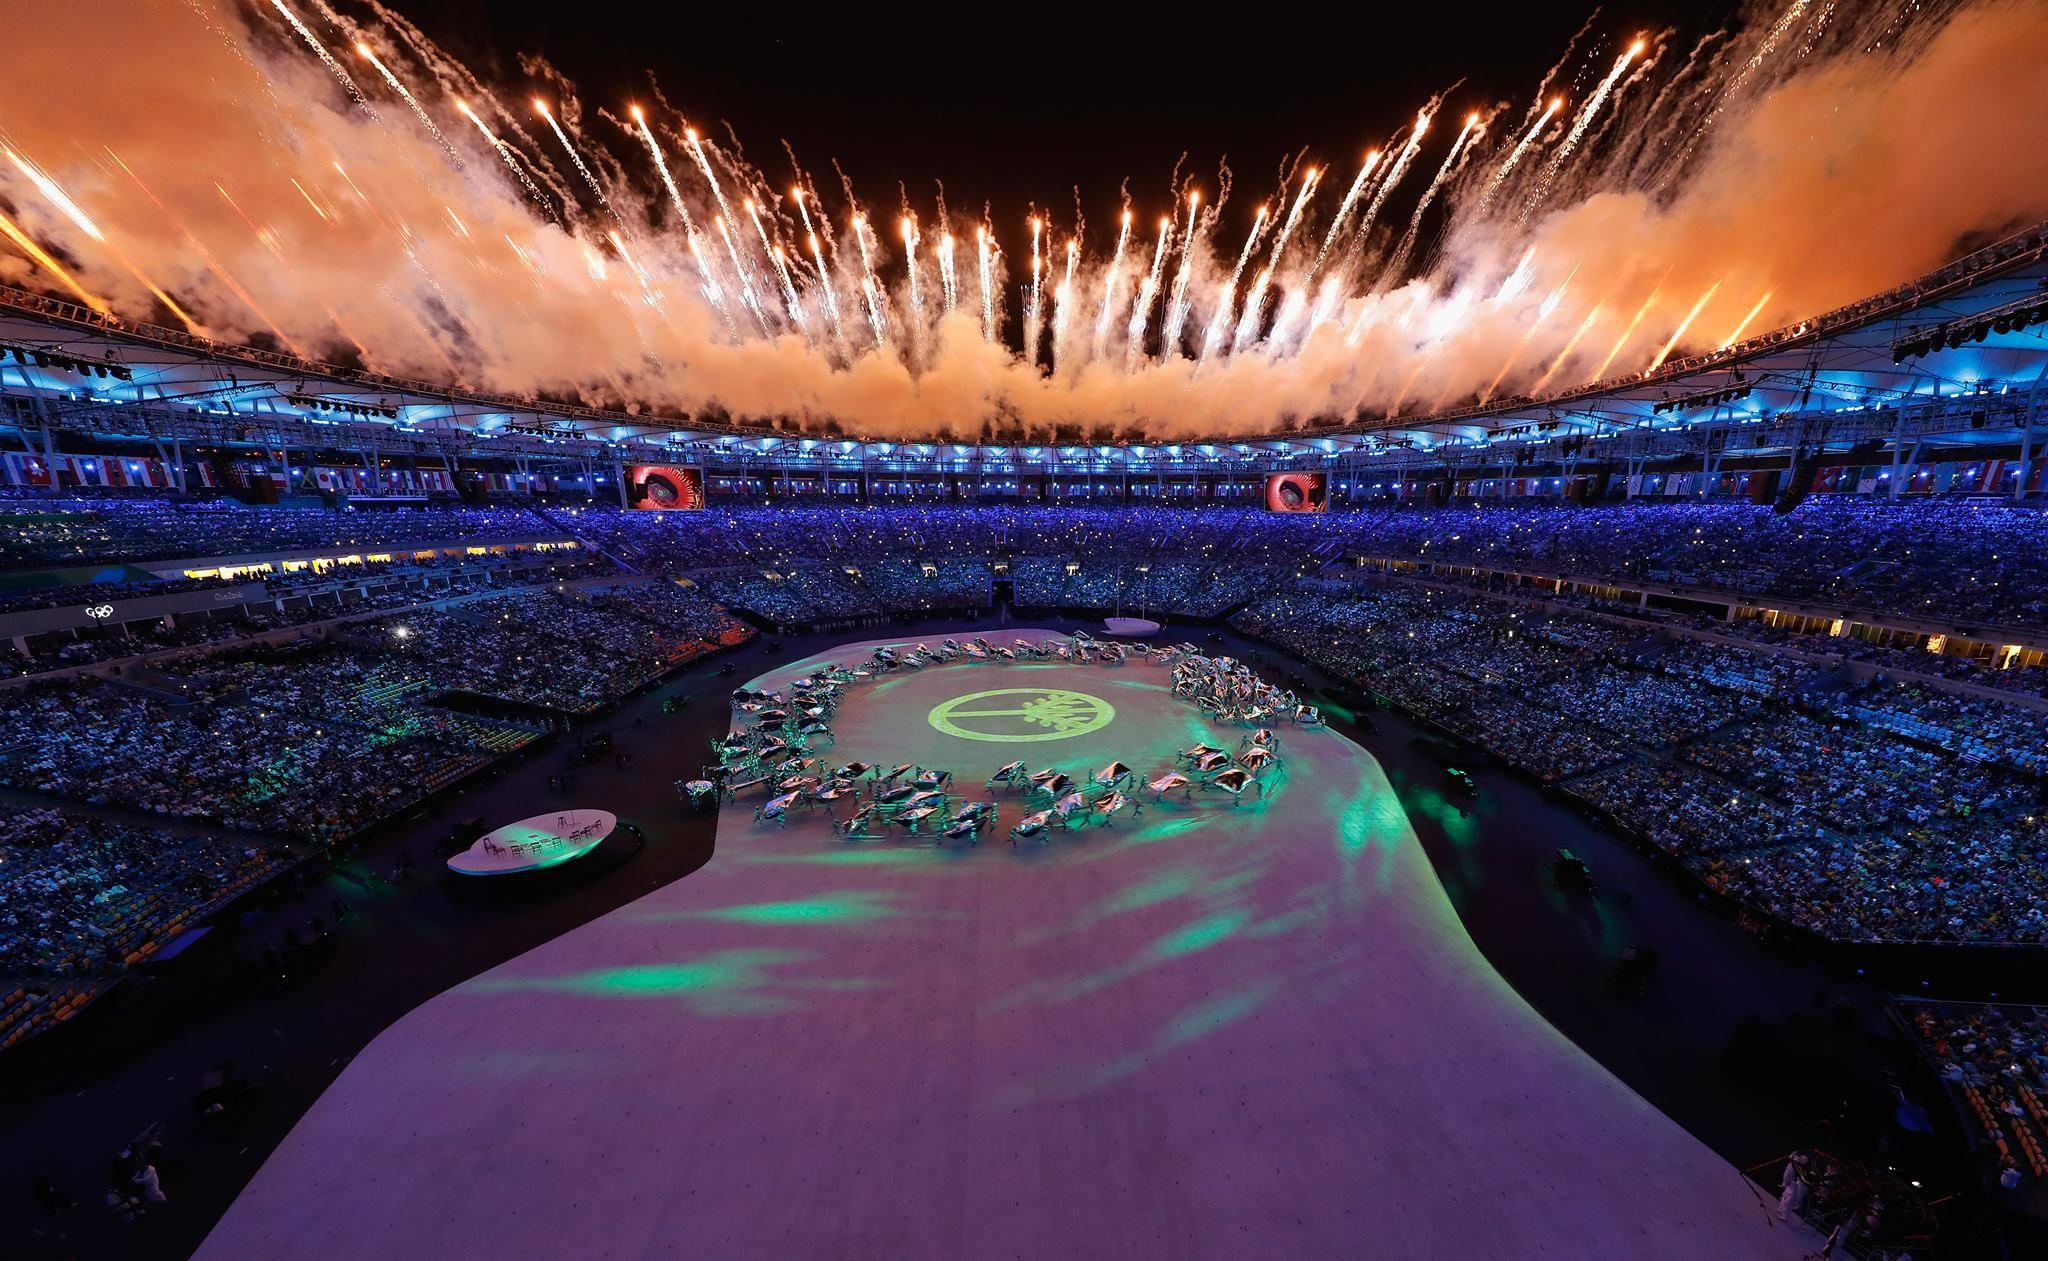 rio-2016-cerimonia-apertura-olimpiadi